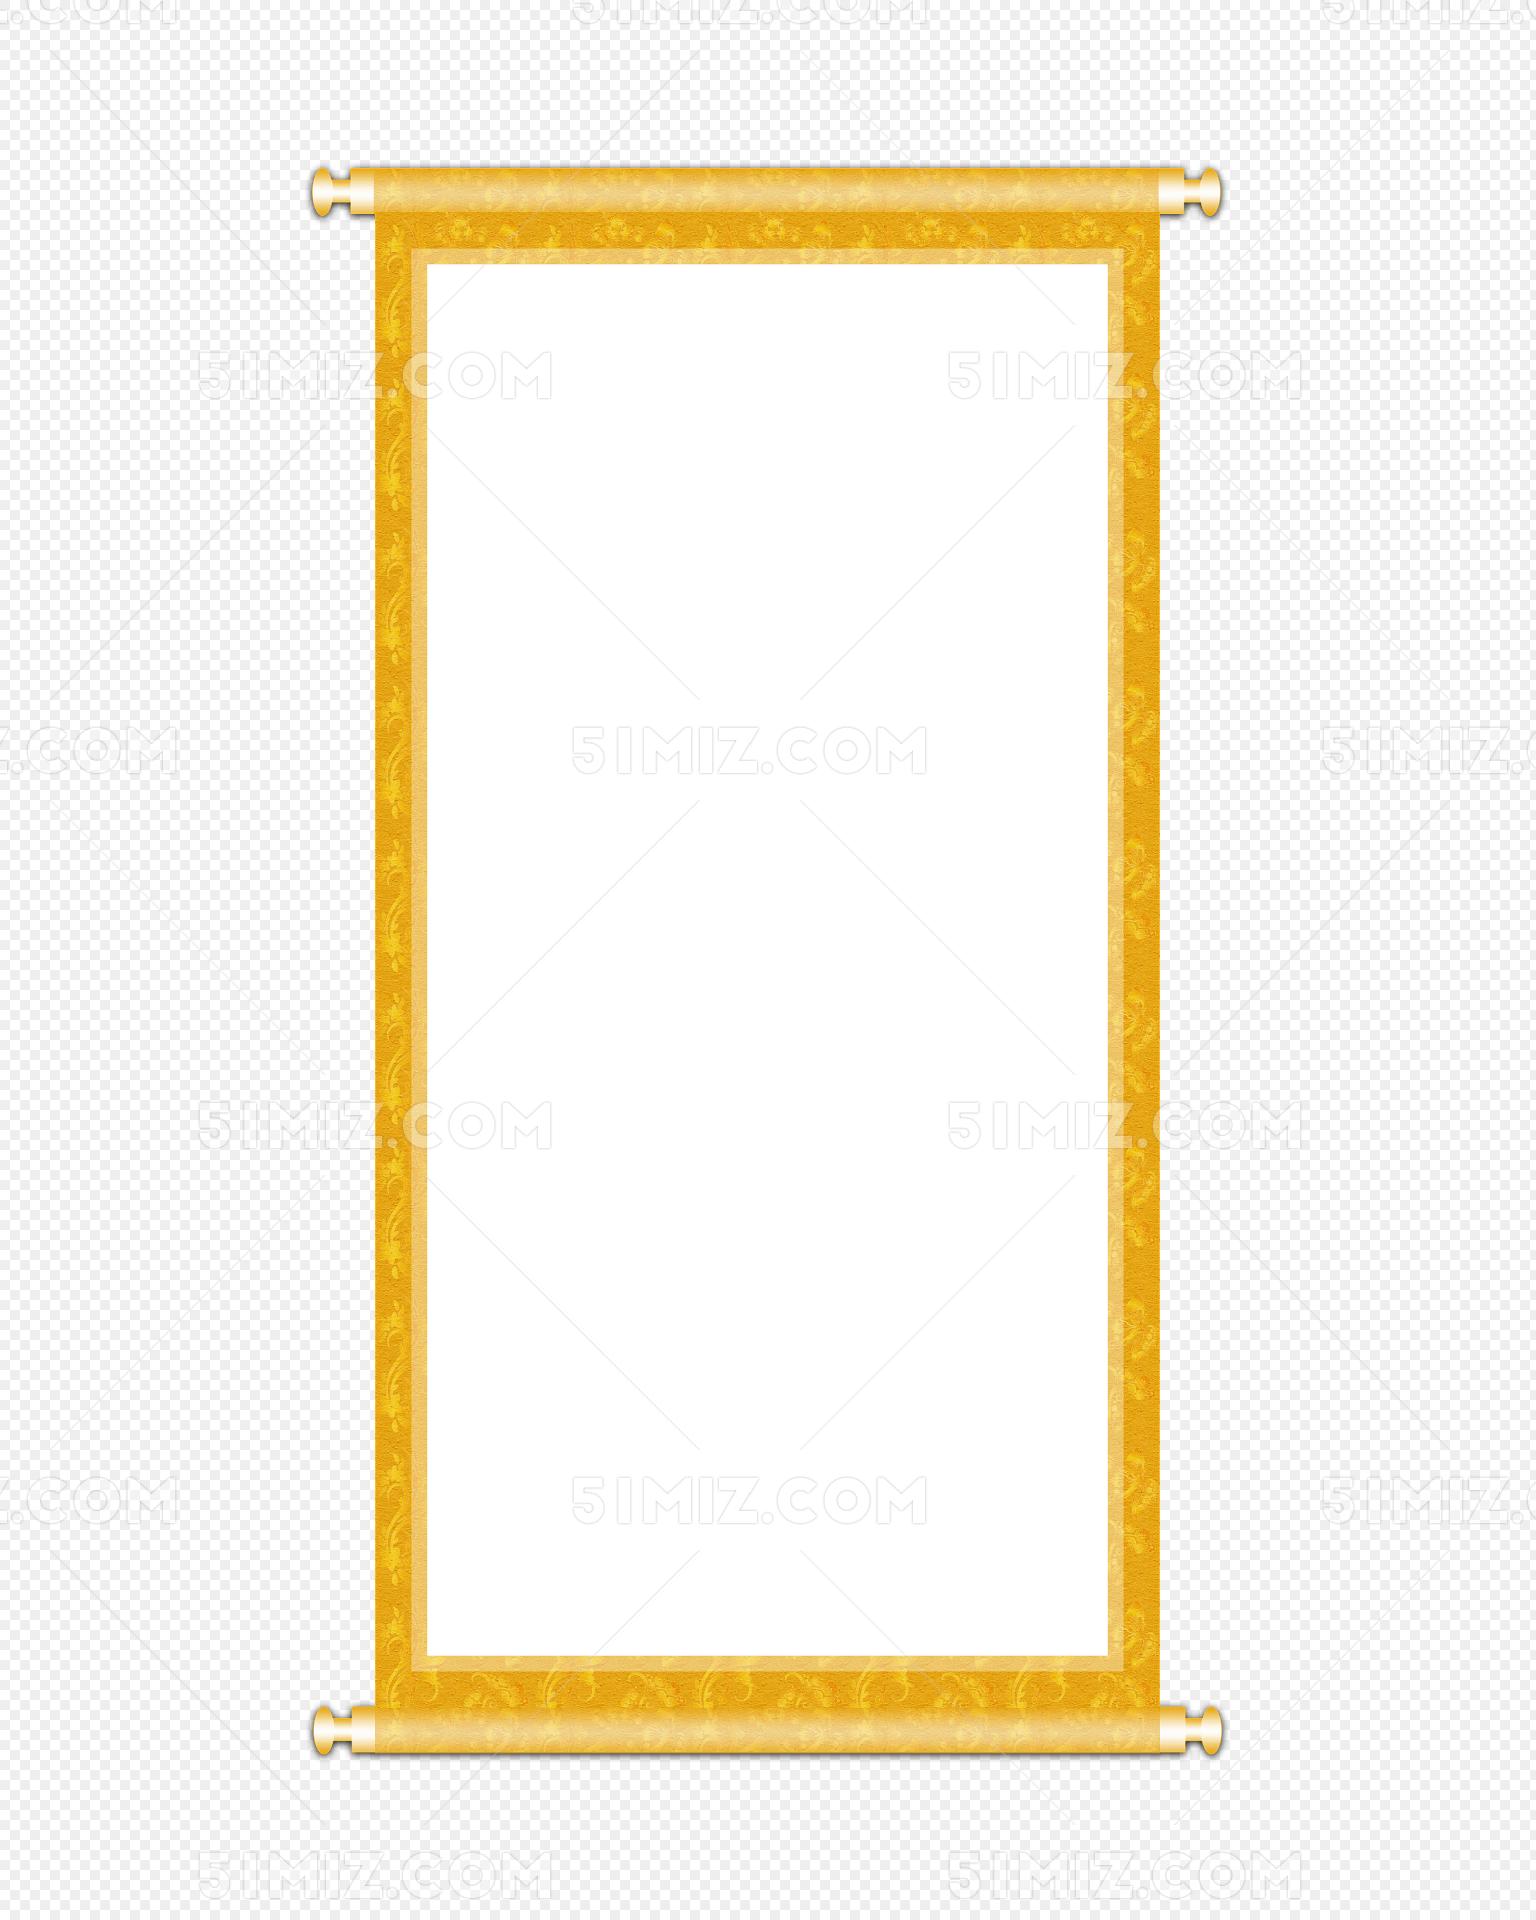 金黄色的边框画轴